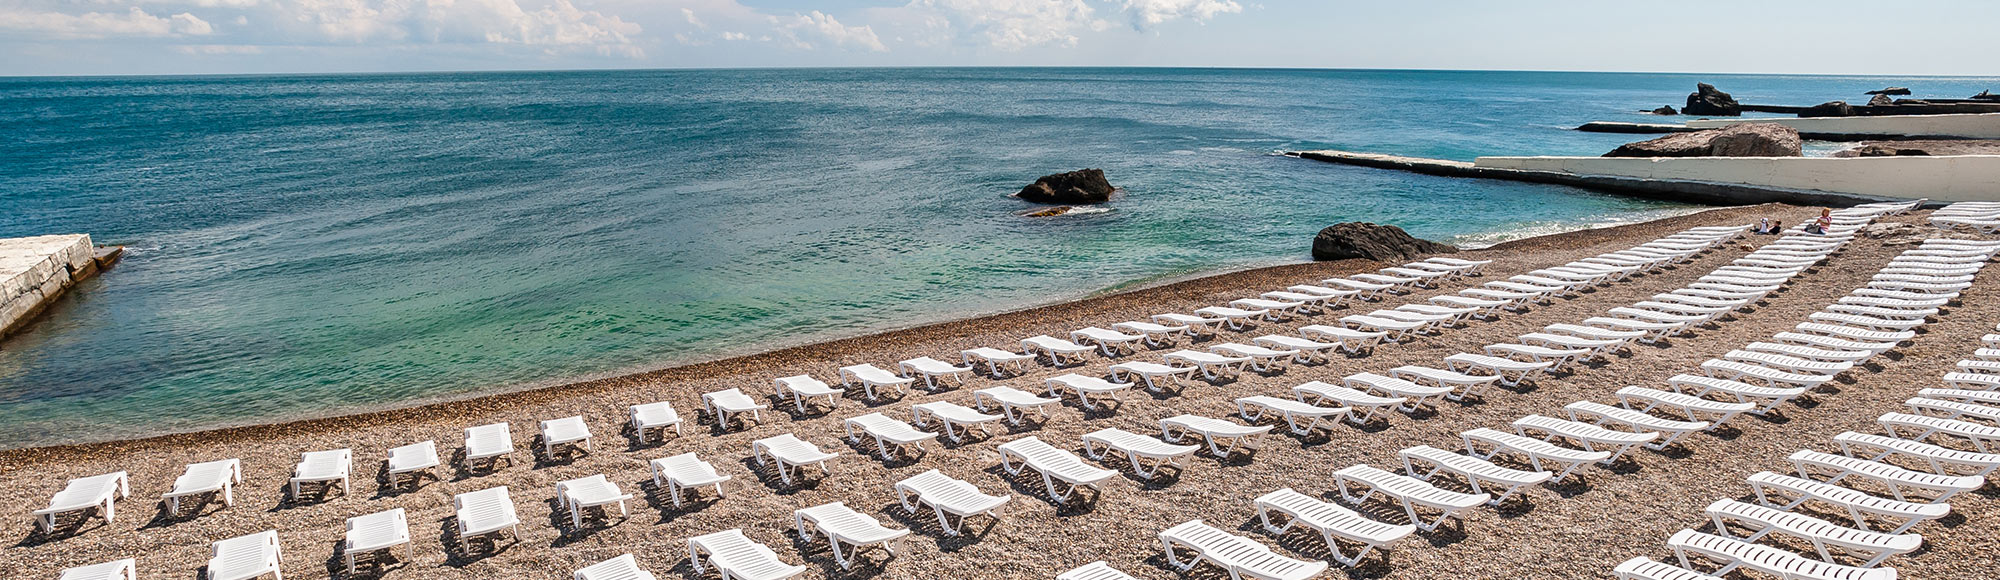 Санаторий Форос. Пляж